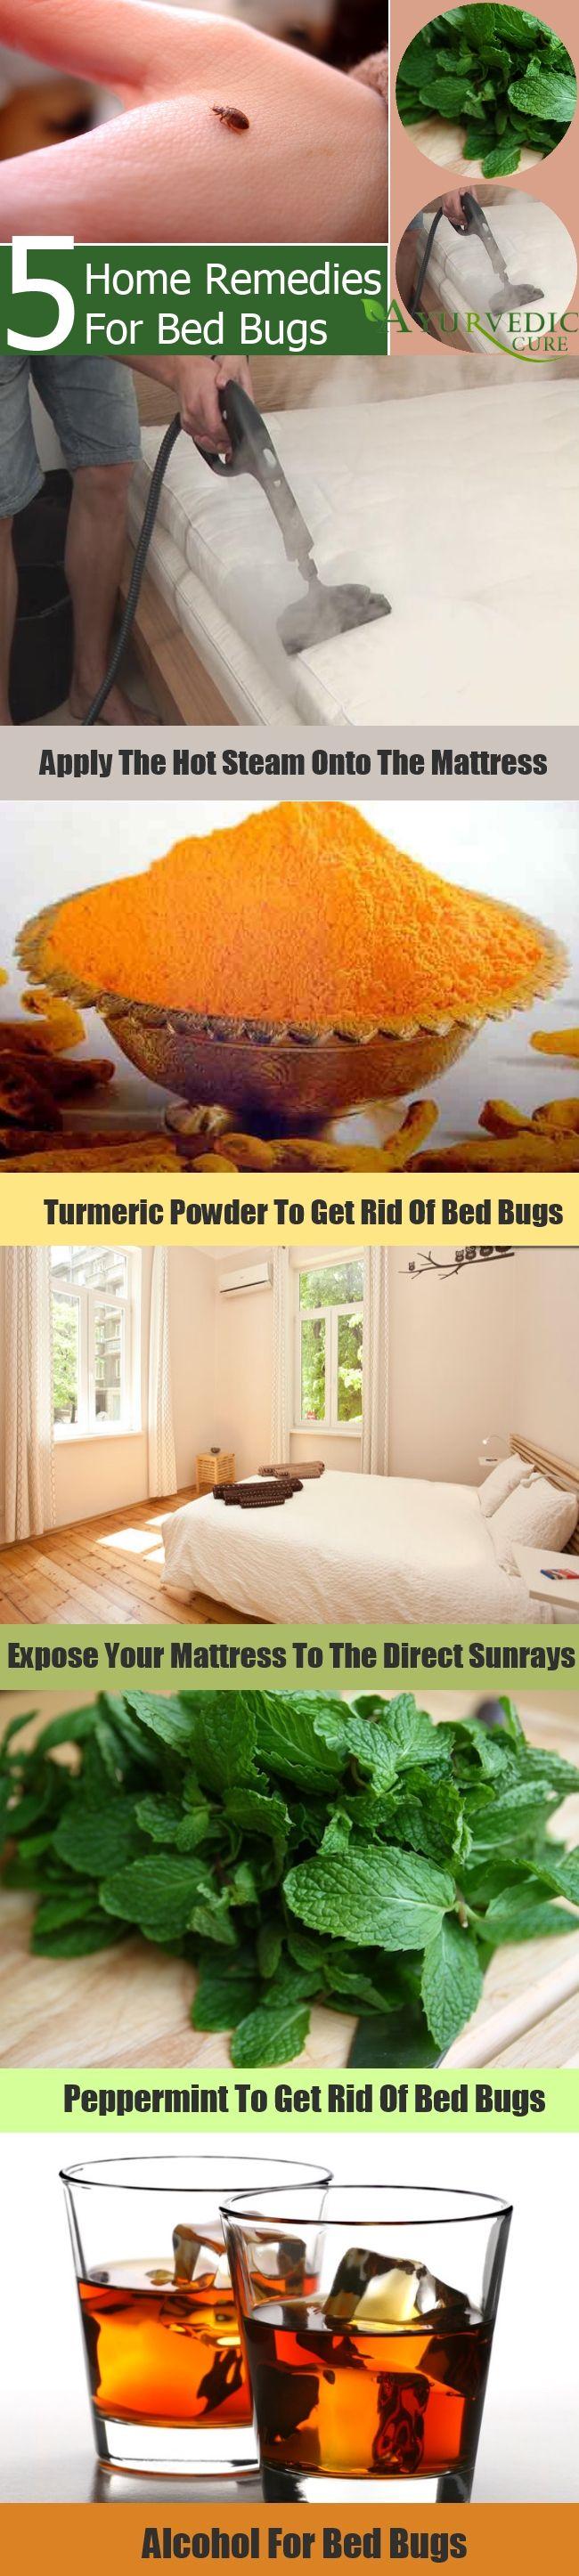 Remedies For Bed Bugskjihuguftuftuftyfrdrdf